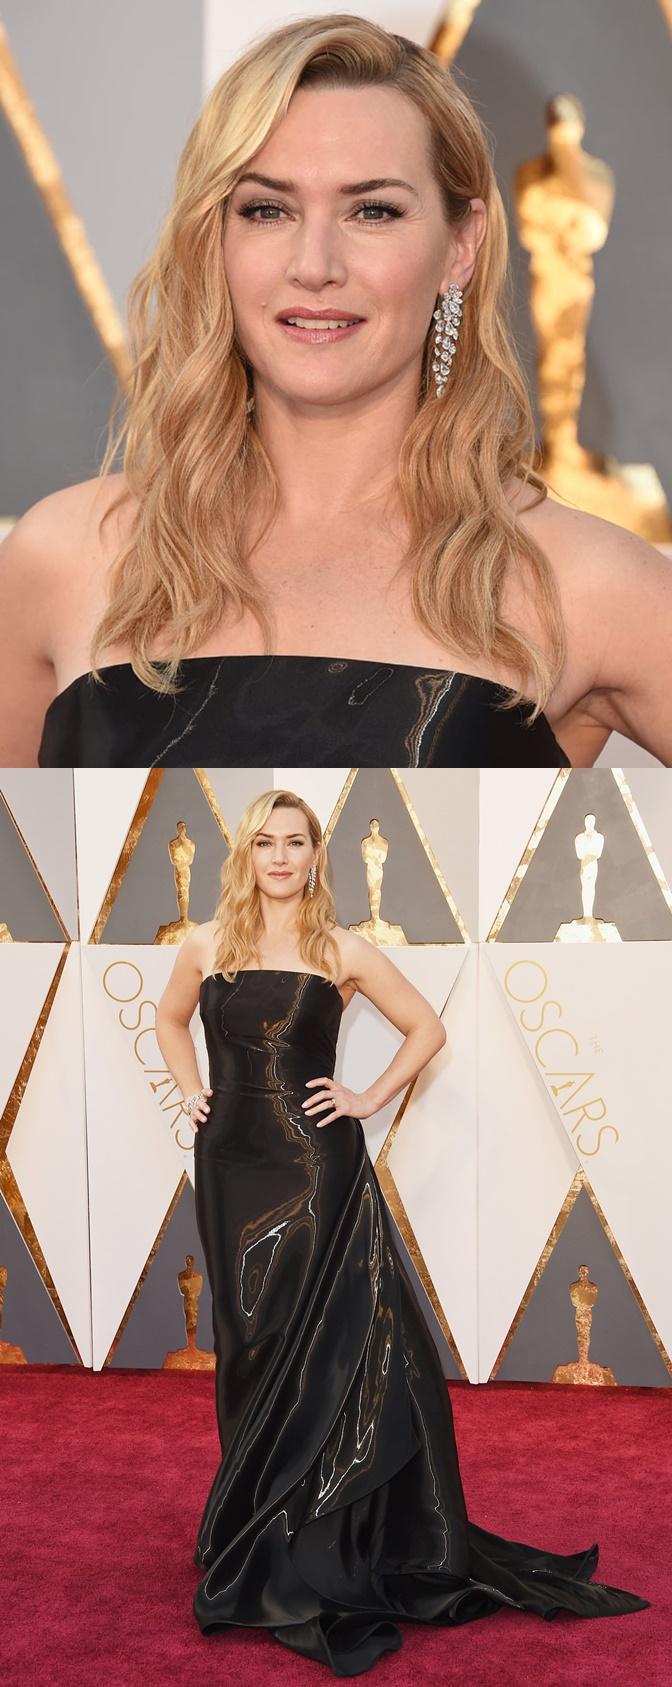 Kate Winslet veste Ralph Lauren e joias Nirav Modi